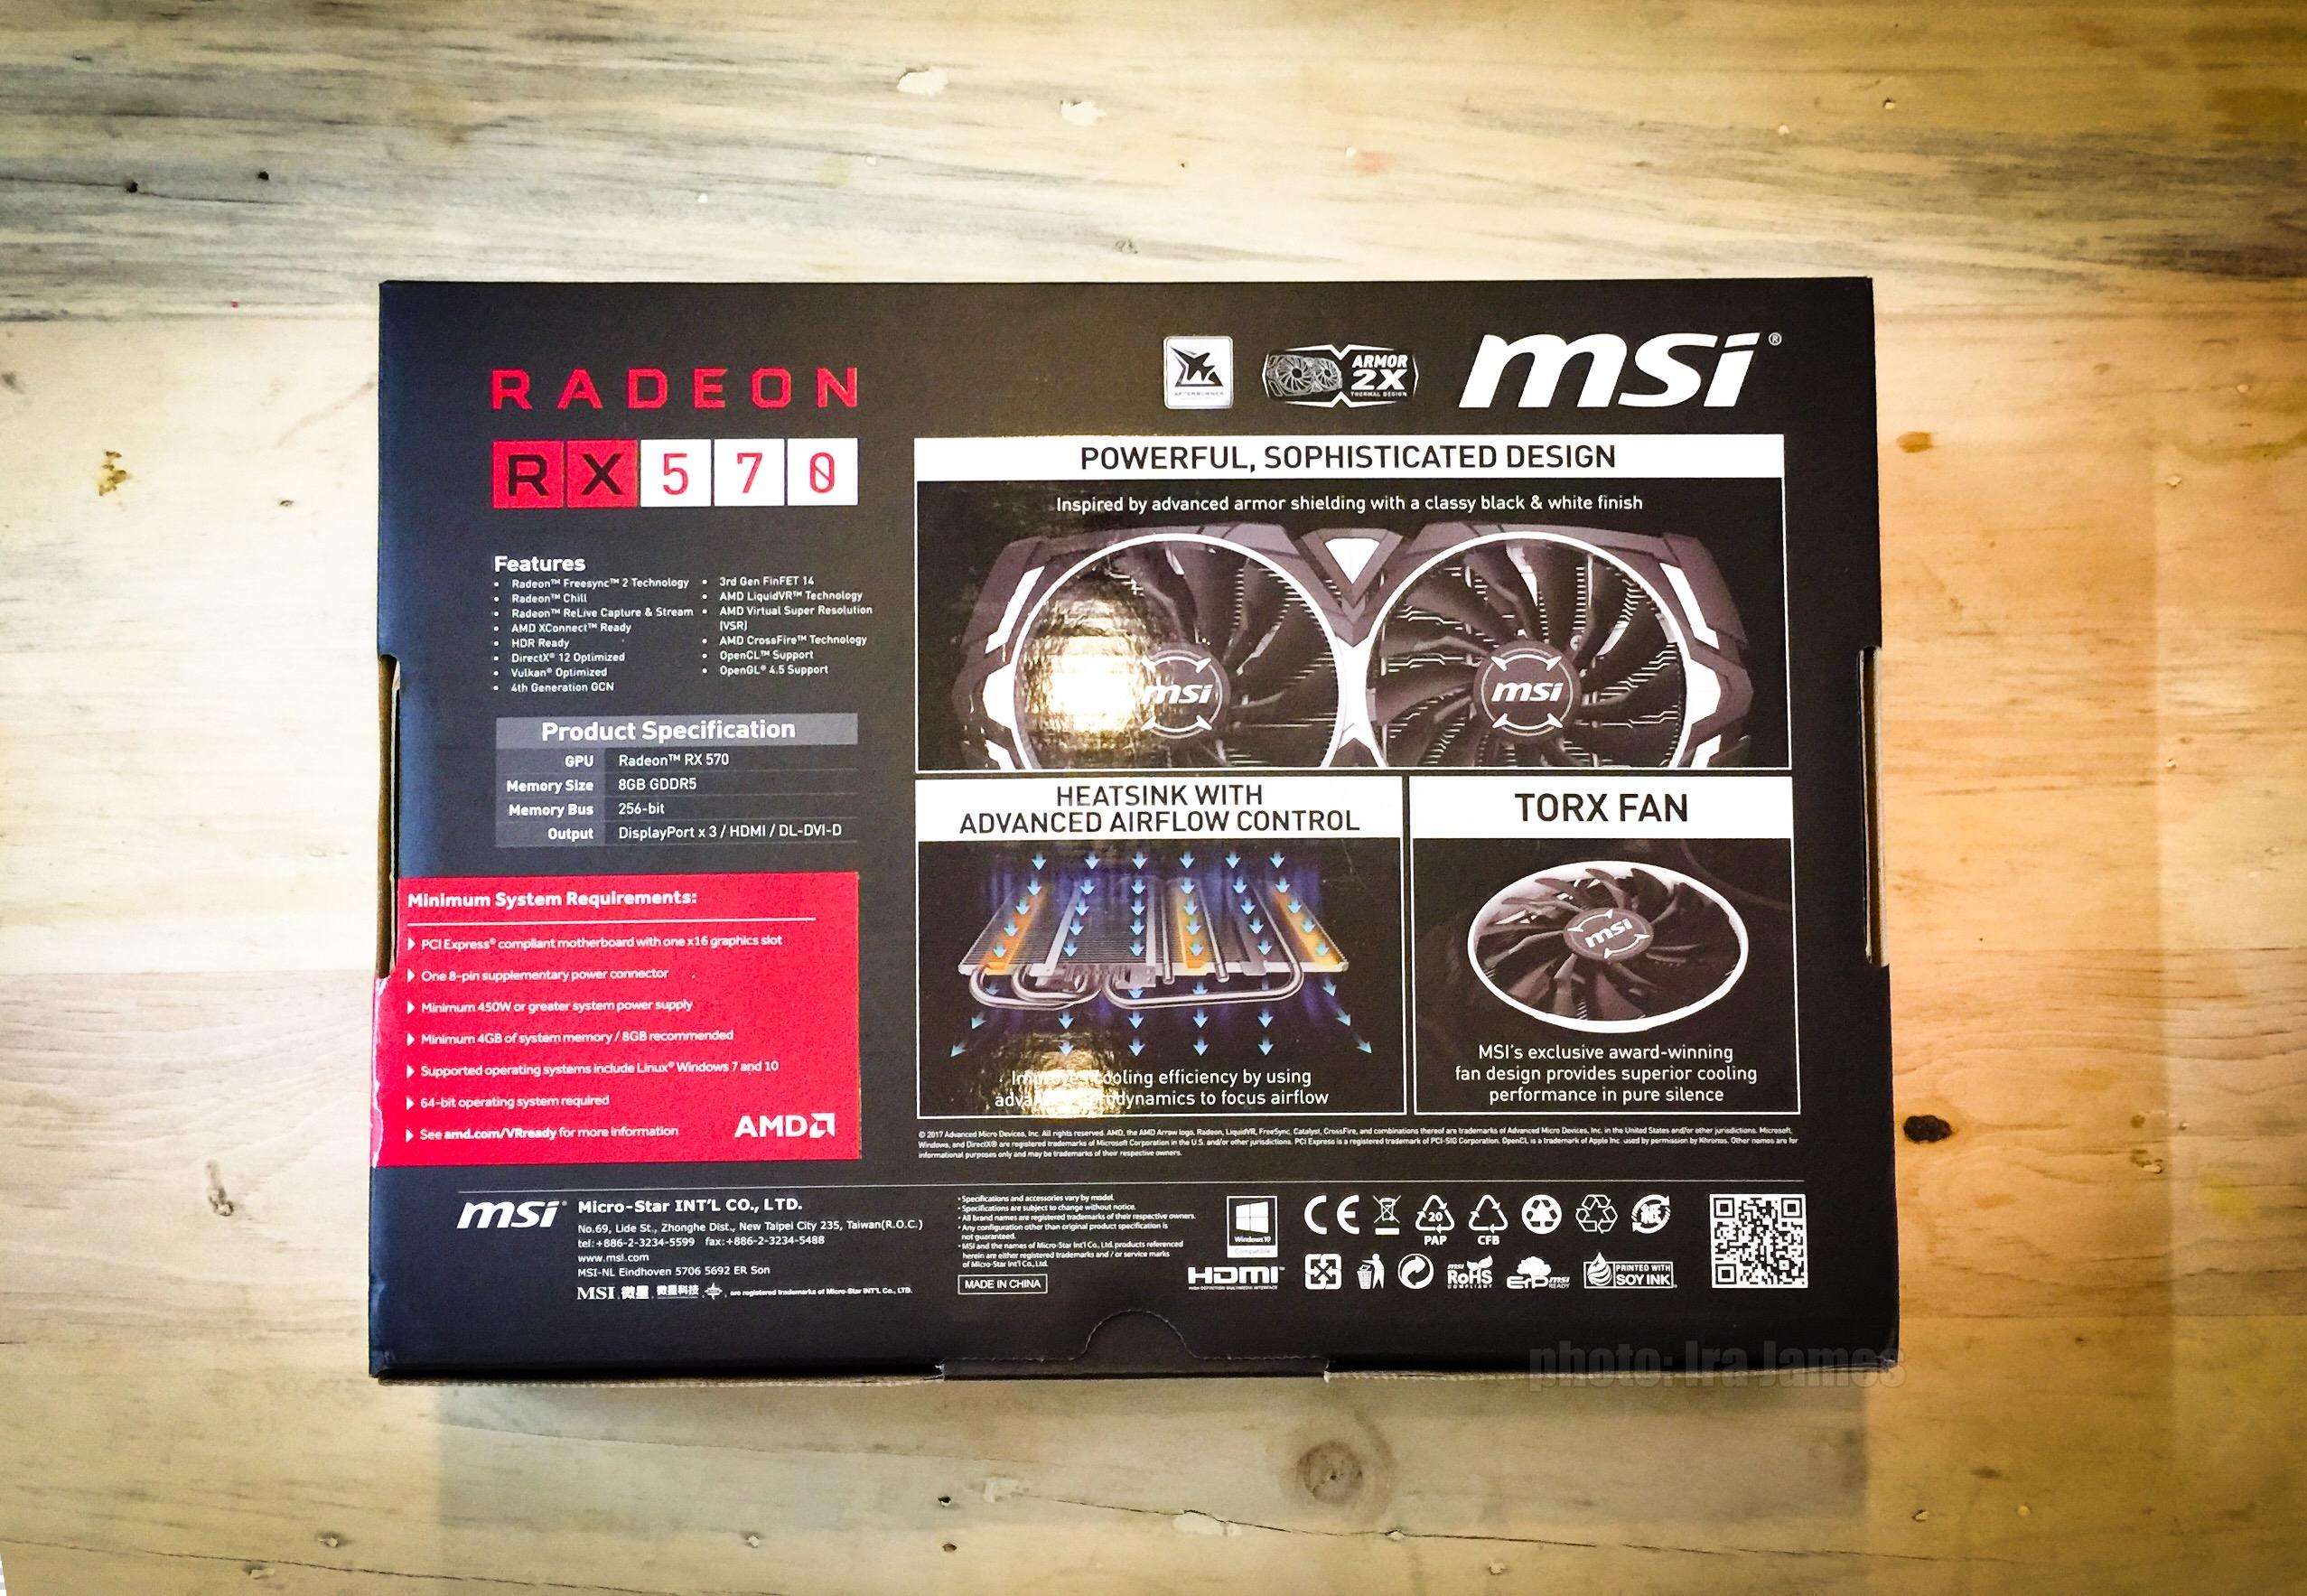 Msi radeon rx 570 drivers | MSI Radeon RX 570 Armor card not